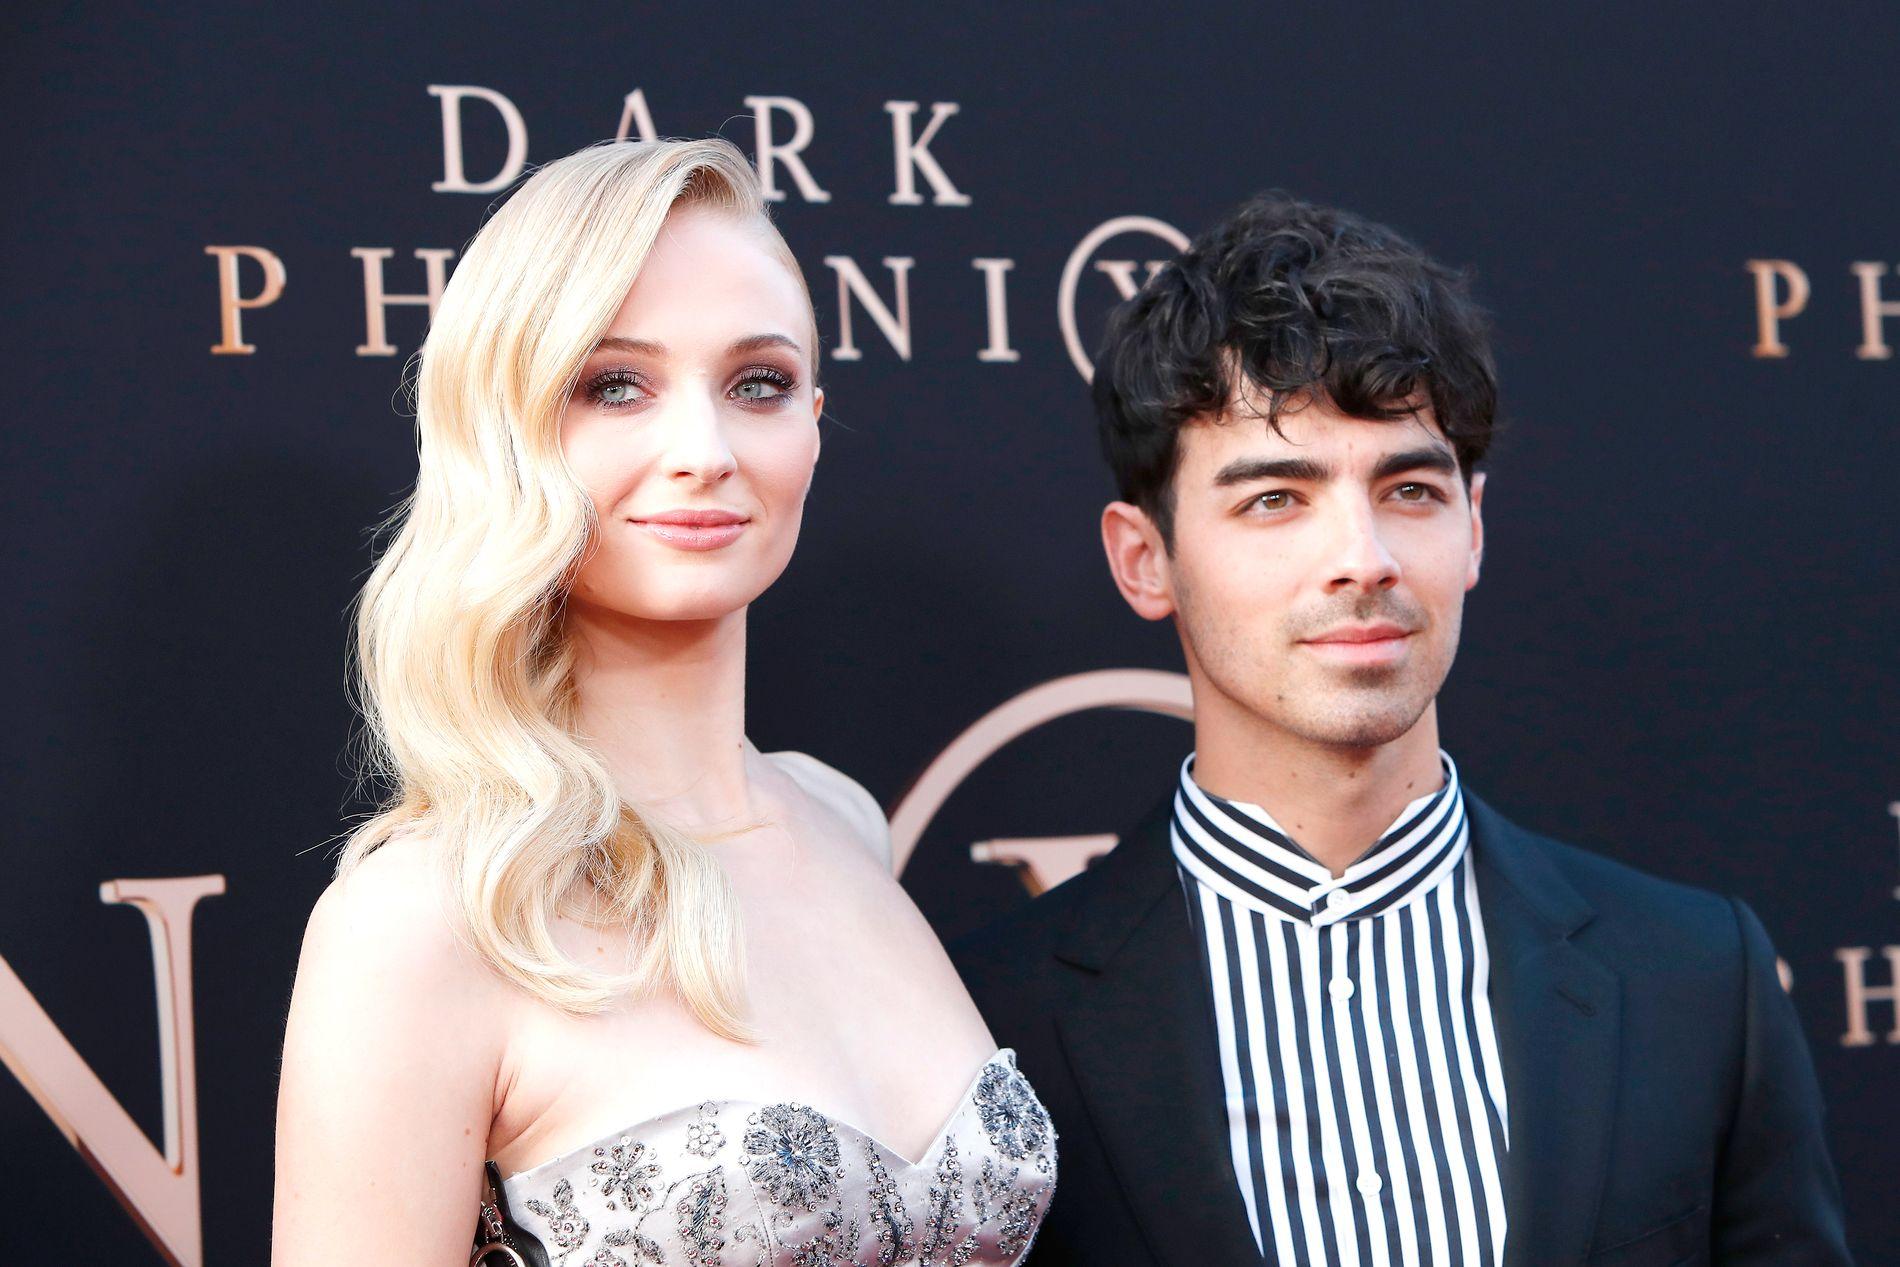 BRYLLUPSREISE: Sophie Turner er på bryllupsreise med ektemannen Joe Jonas. Her er de sammen på Los Angeles-premieren til X-Men- filmen Dark Phoenix, som Turner spilte i.